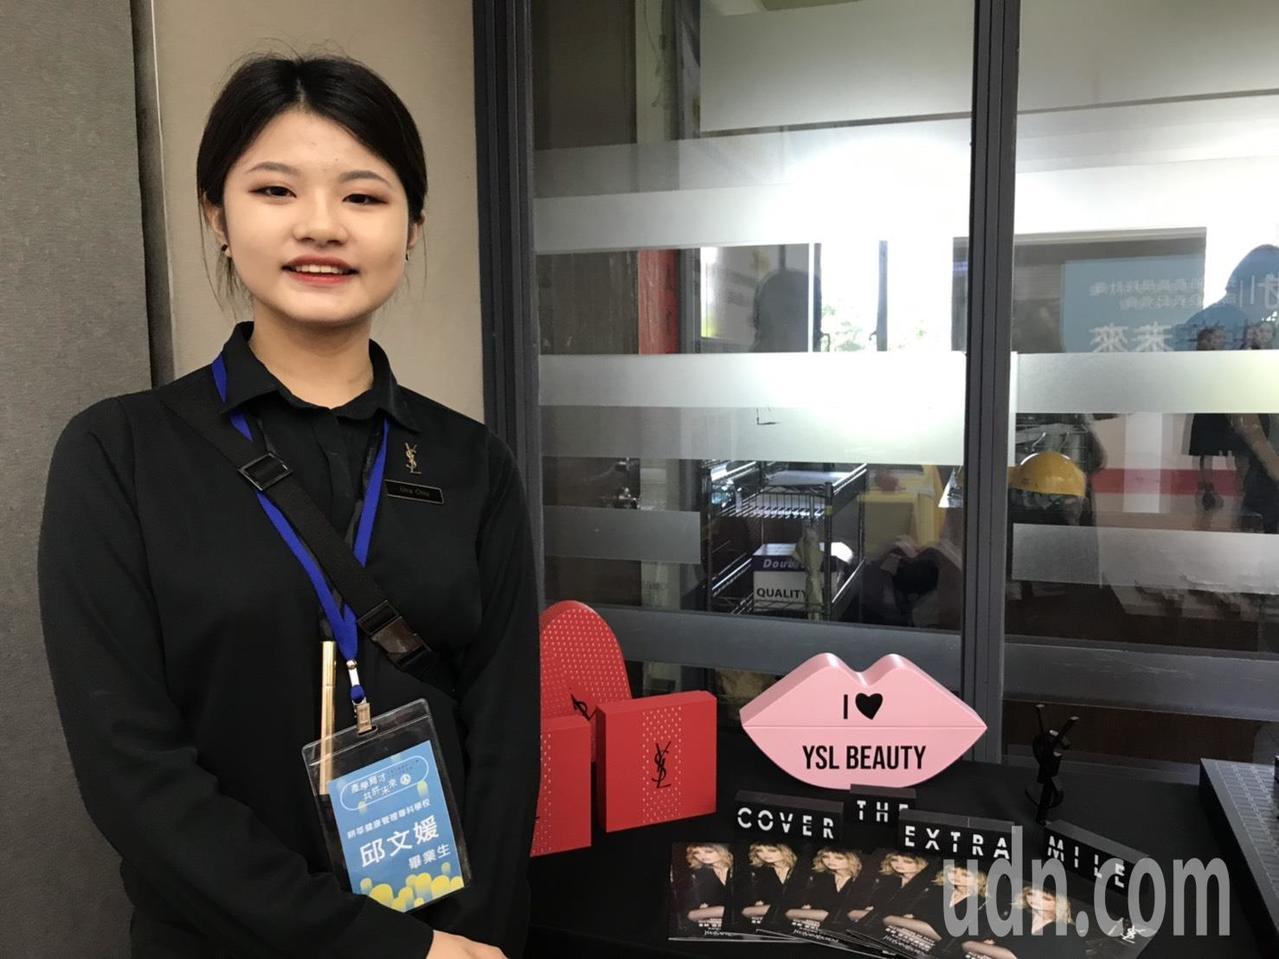 在台灣萊雅擔任彩妝顧問的邱文媛參加教育部「產業學院計畫」後,讓她更確定未來要做什...